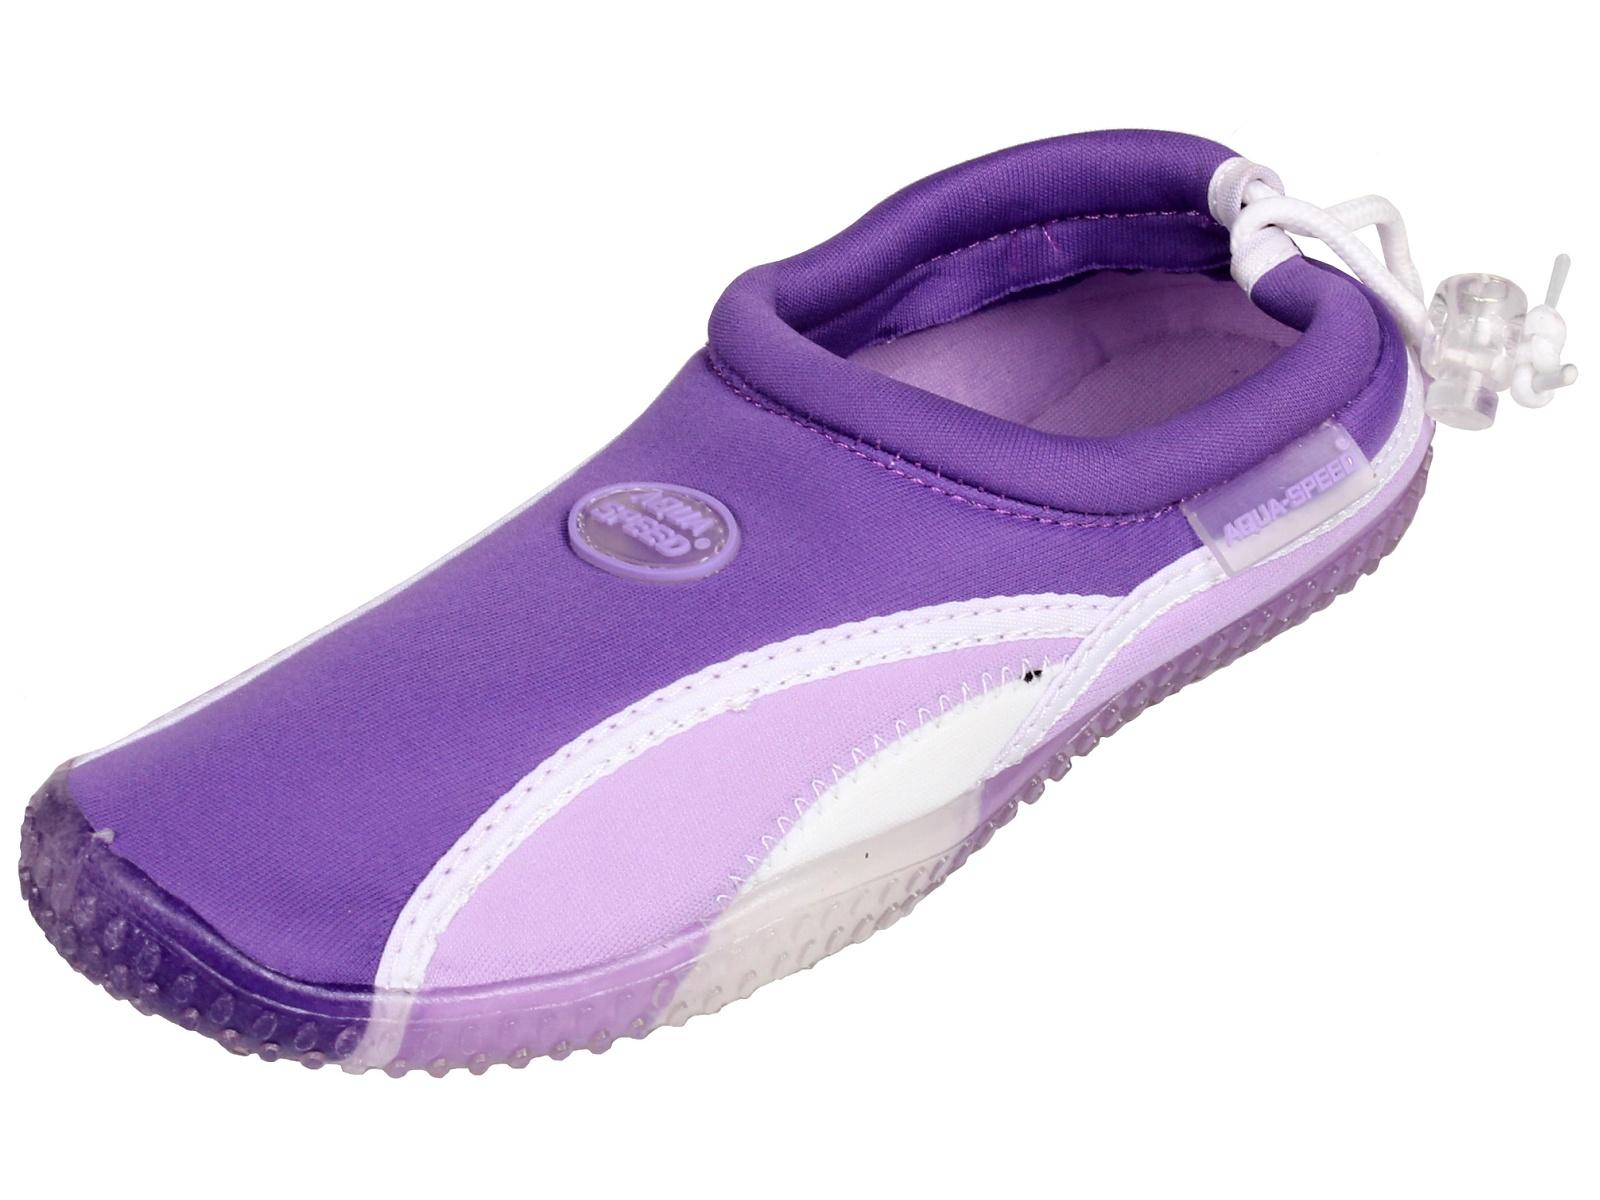 Boty do vody AQUA-SPEED 12B fialové - vel. 39